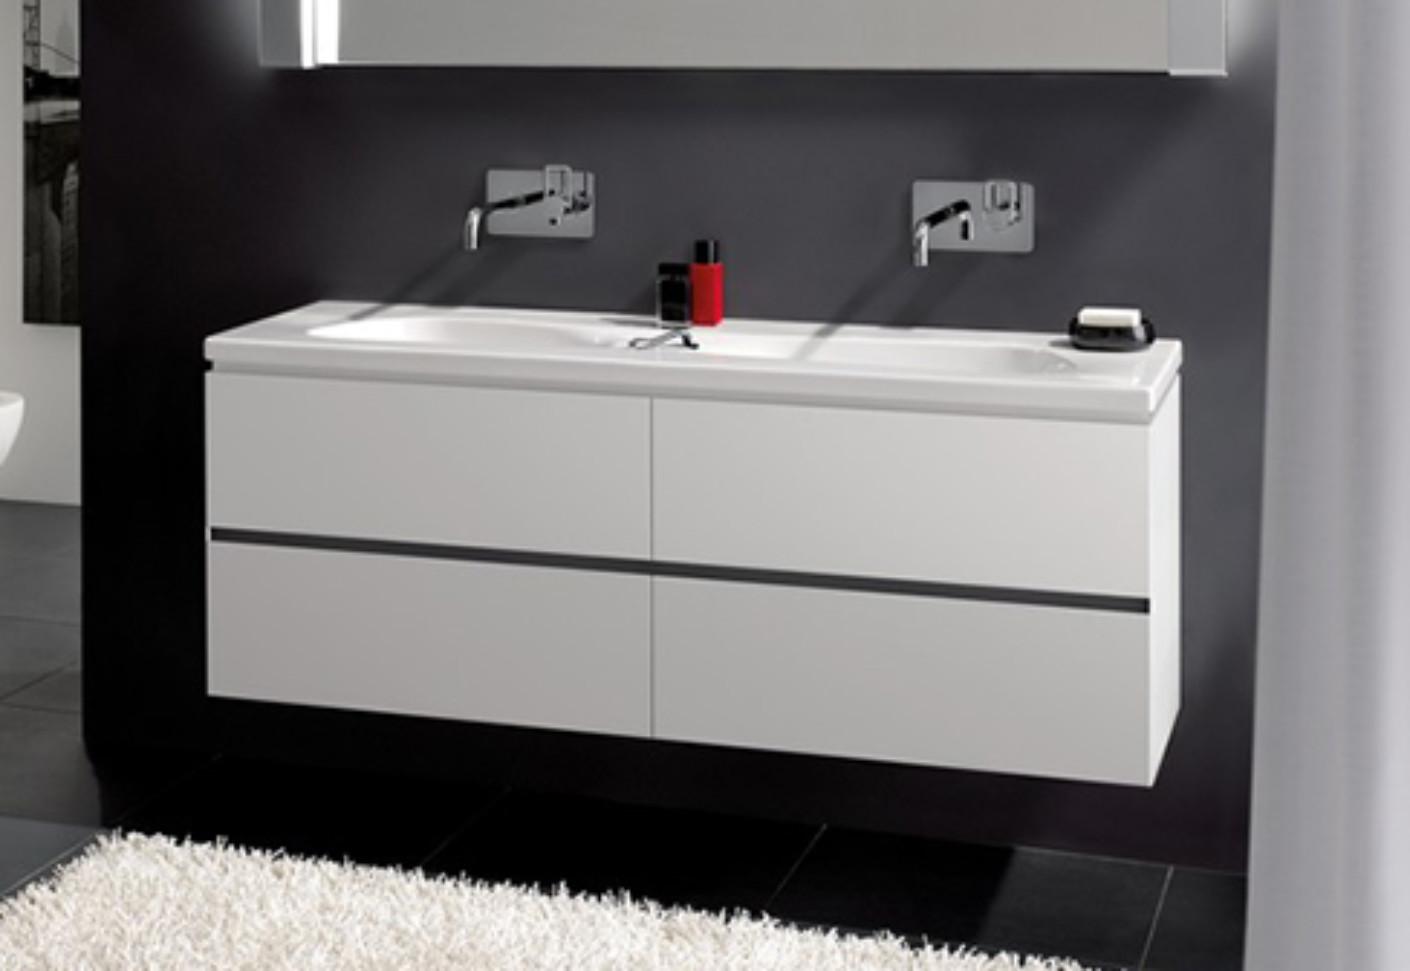 Palomba Waschtischunterbau Mit Zwei Schubladen Von Laufen